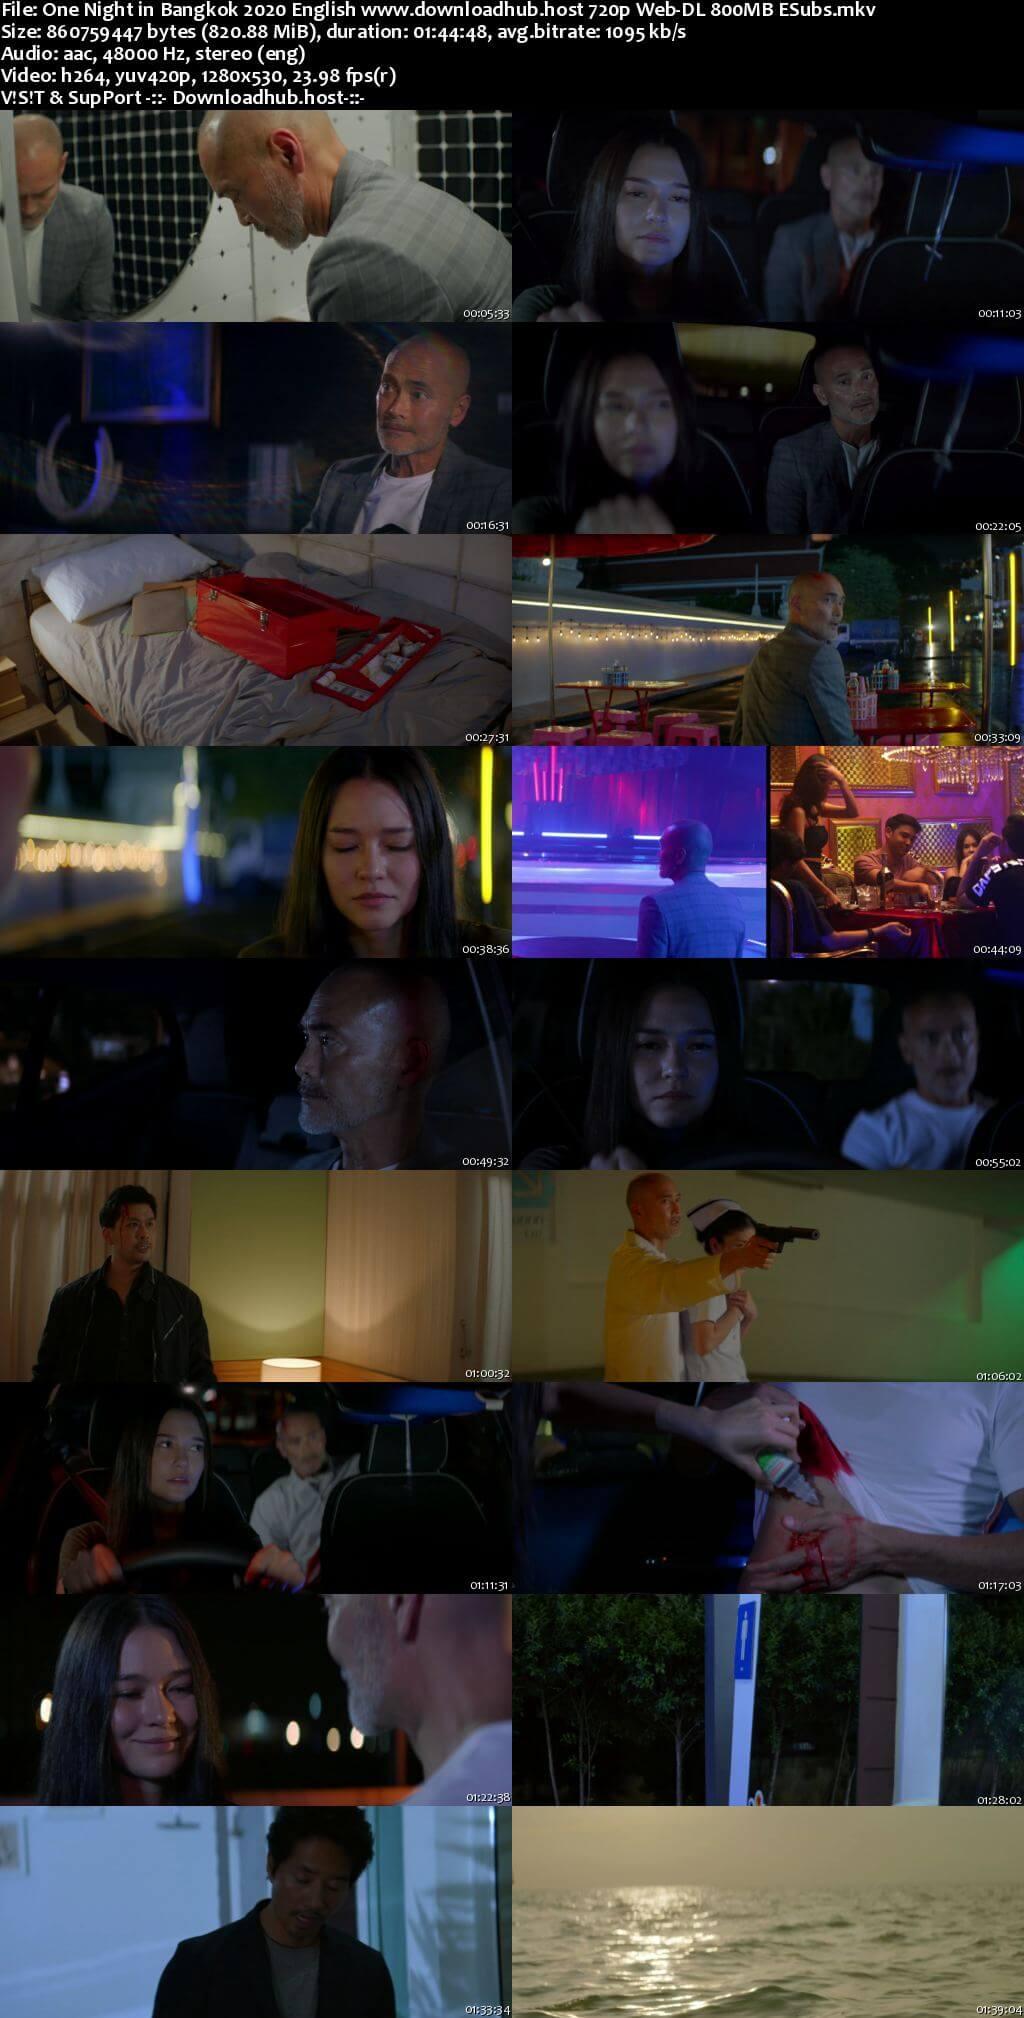 One Night in Bangkok 2020 English 720p Web-DL 800MB ESubs